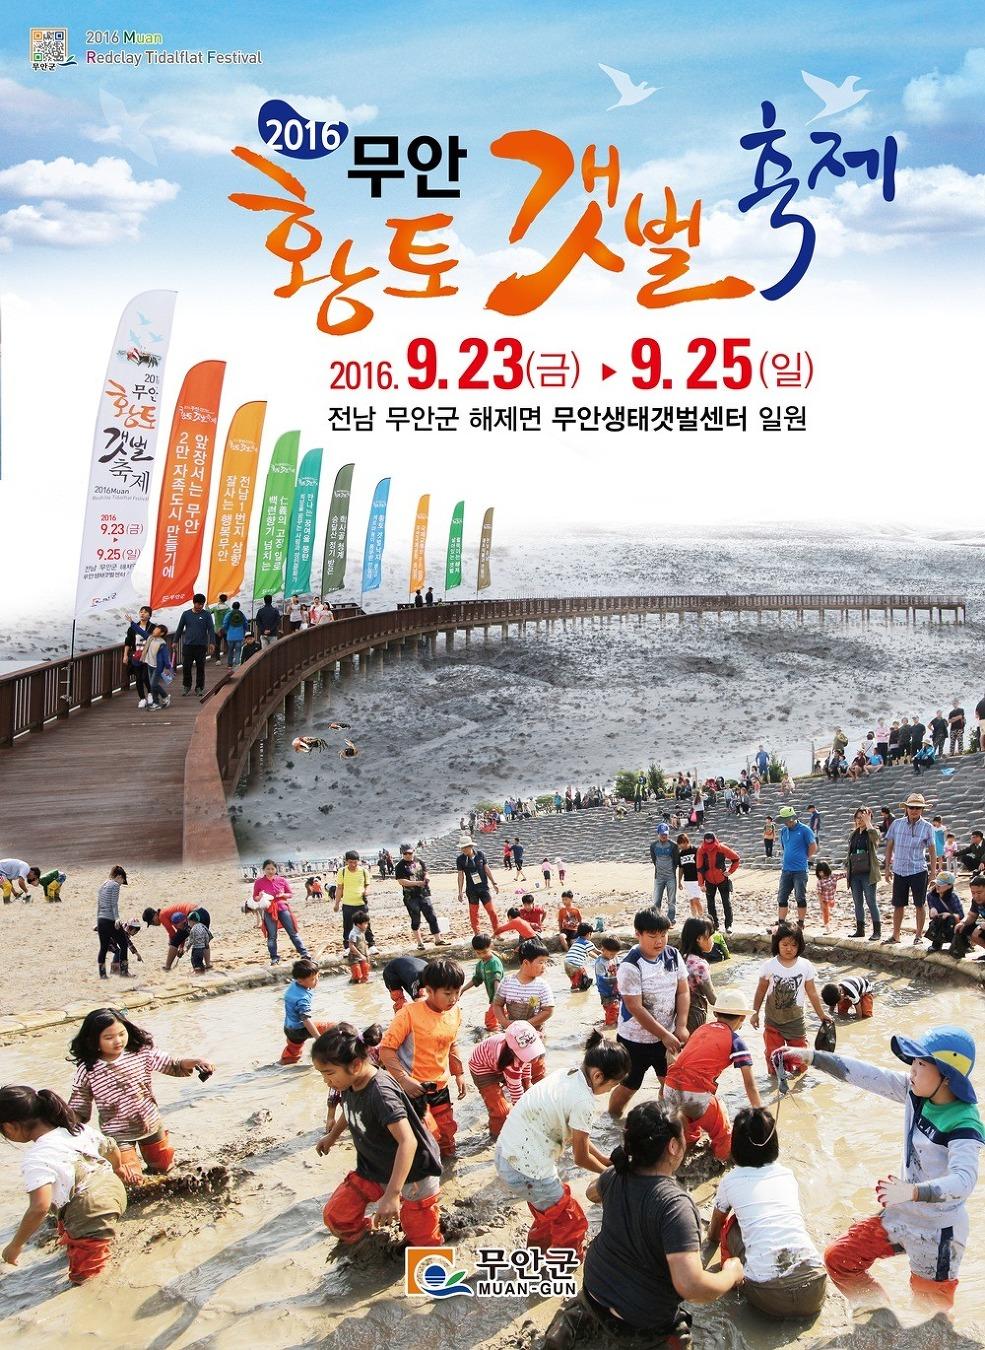 2016 무안황토갯벌축제  23일부터 25일까지 펼쳐져